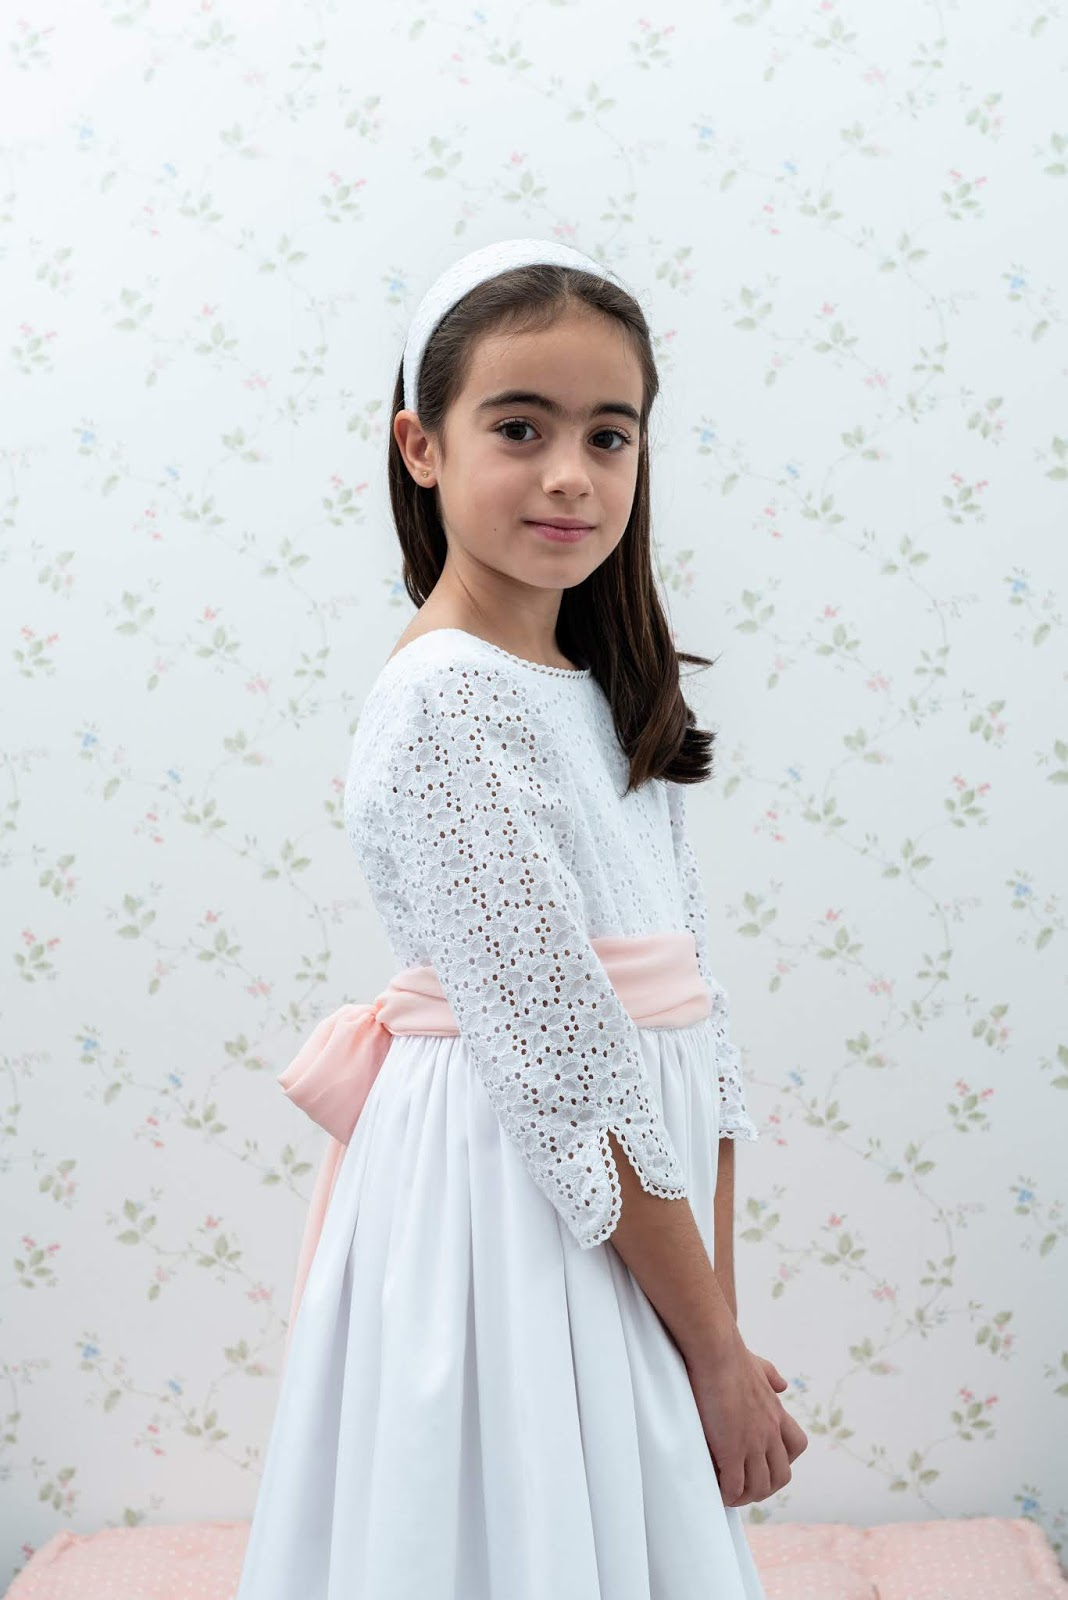 87cad1472 Lo que más felices nos hace es que cada niña salga con una sonrisa en la  cara al haber encontrado su vestido perfecto.